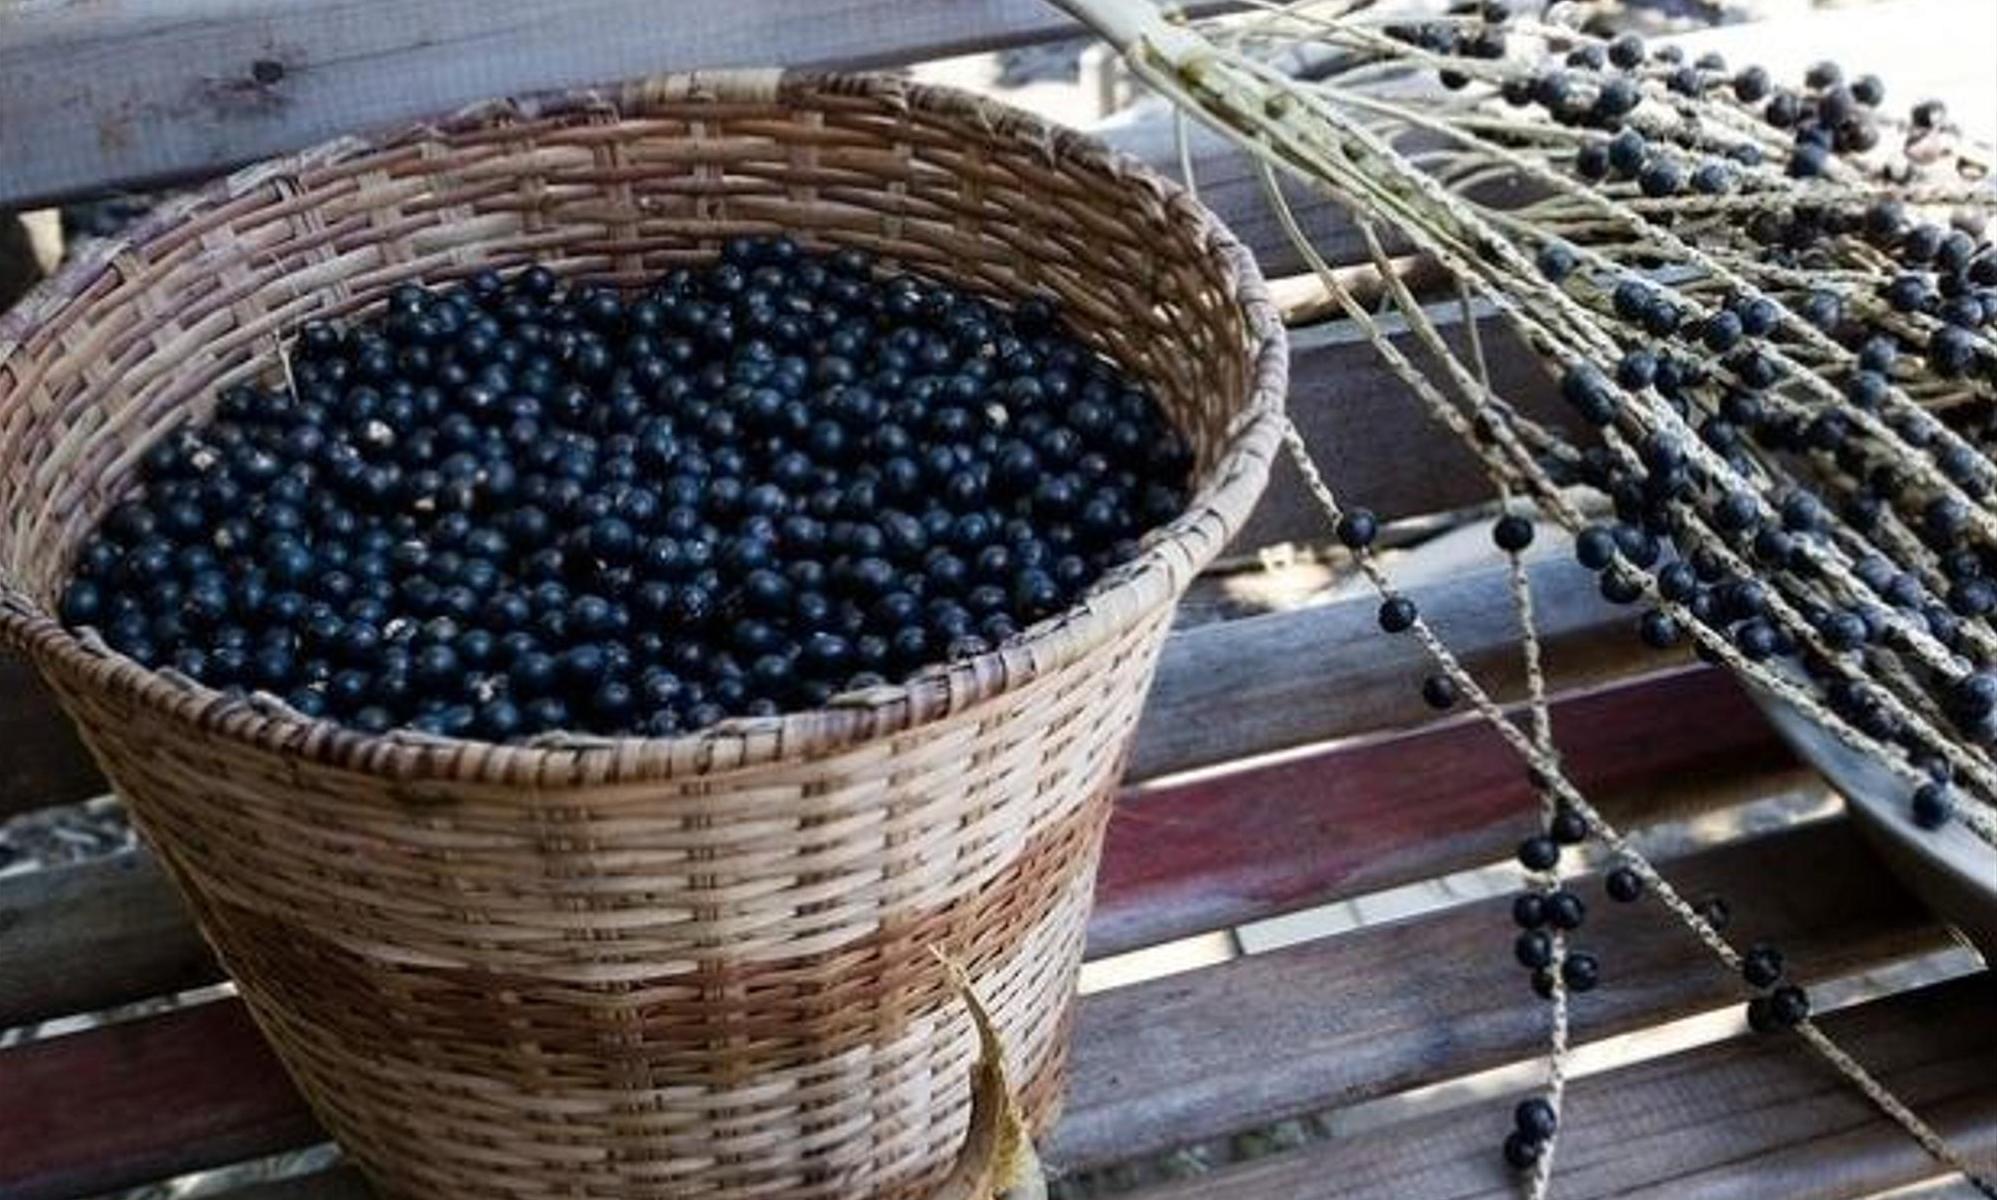 Acai-Beeren müssen aus Brasilien importiert werden und weisen daher eine schlechte Energiebilanz auf. Flickr.com